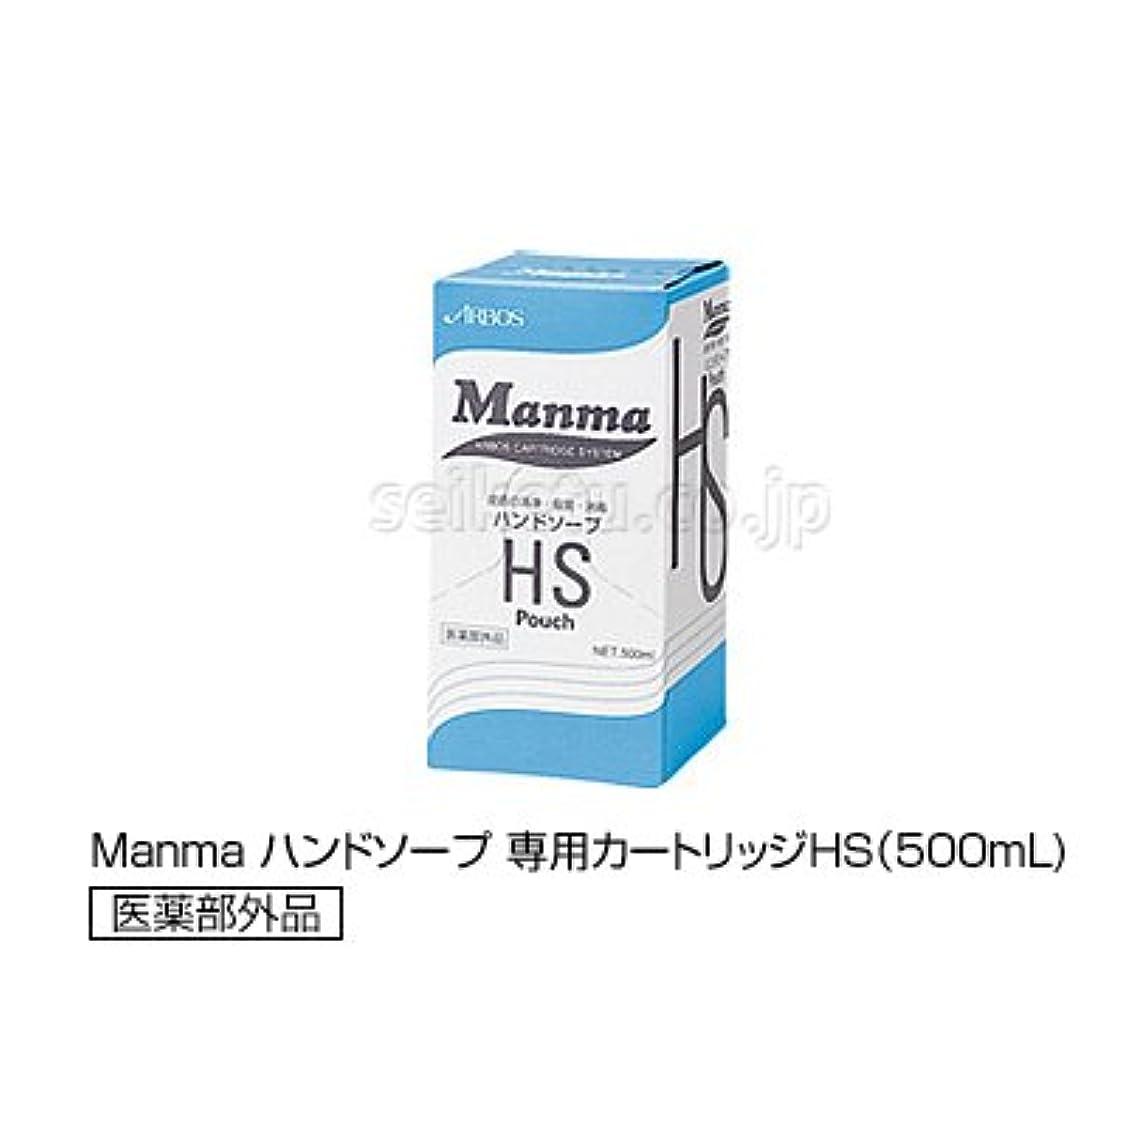 観客概念規範Manma ハンドソープ 専用カートリッジ/専用カートリッジHS(500mL)【清潔キレイ館】